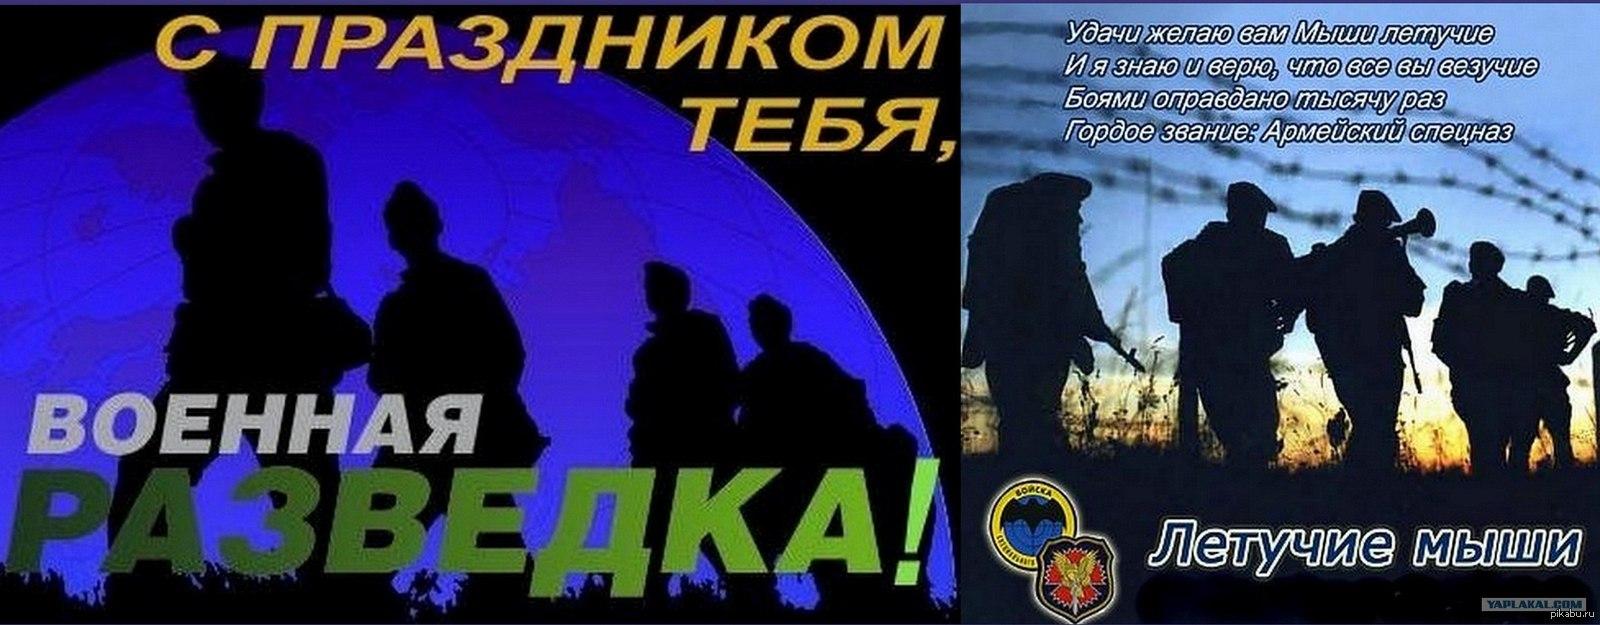 День военного разведчика! Поздравляем тебя открытки фото рисунки картинки поздравления